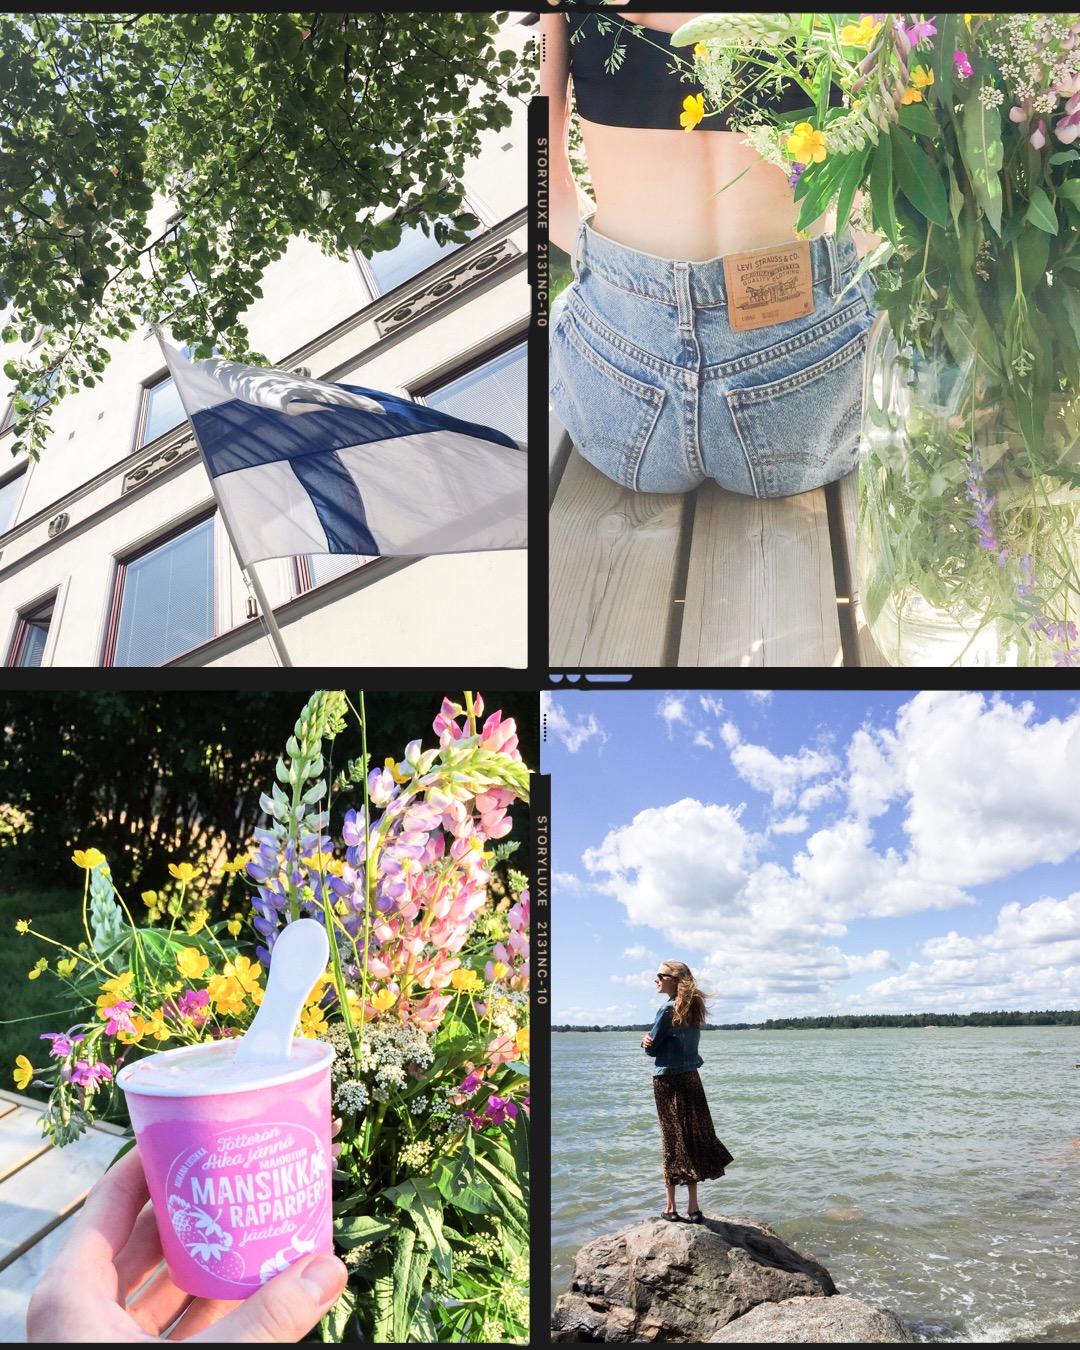 summer-photos-midsummer-finnish-flag-levis-denim-shorts-vegan-ice-cream-nature-kesäkuvia-juhannus-farkkushortsit-vegaani-jäätelö-tötterö-helsinki-luonto